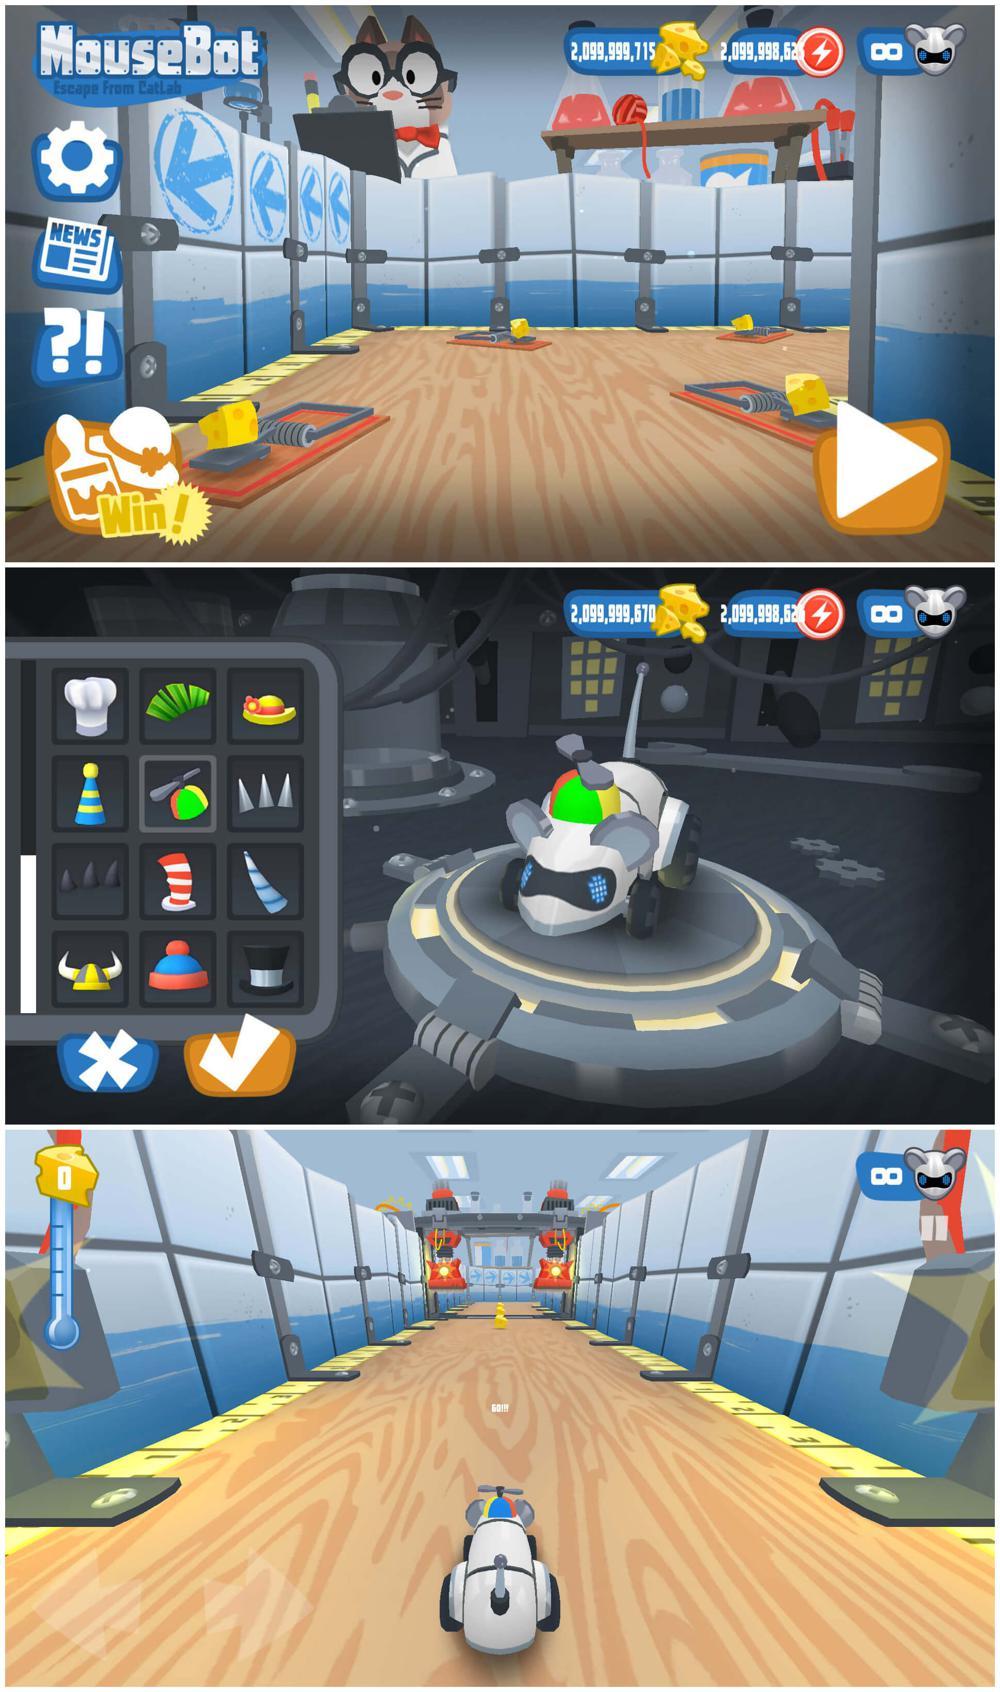 娱乐闯关游戏 老鼠机器人百度网盘蓝奏网盘